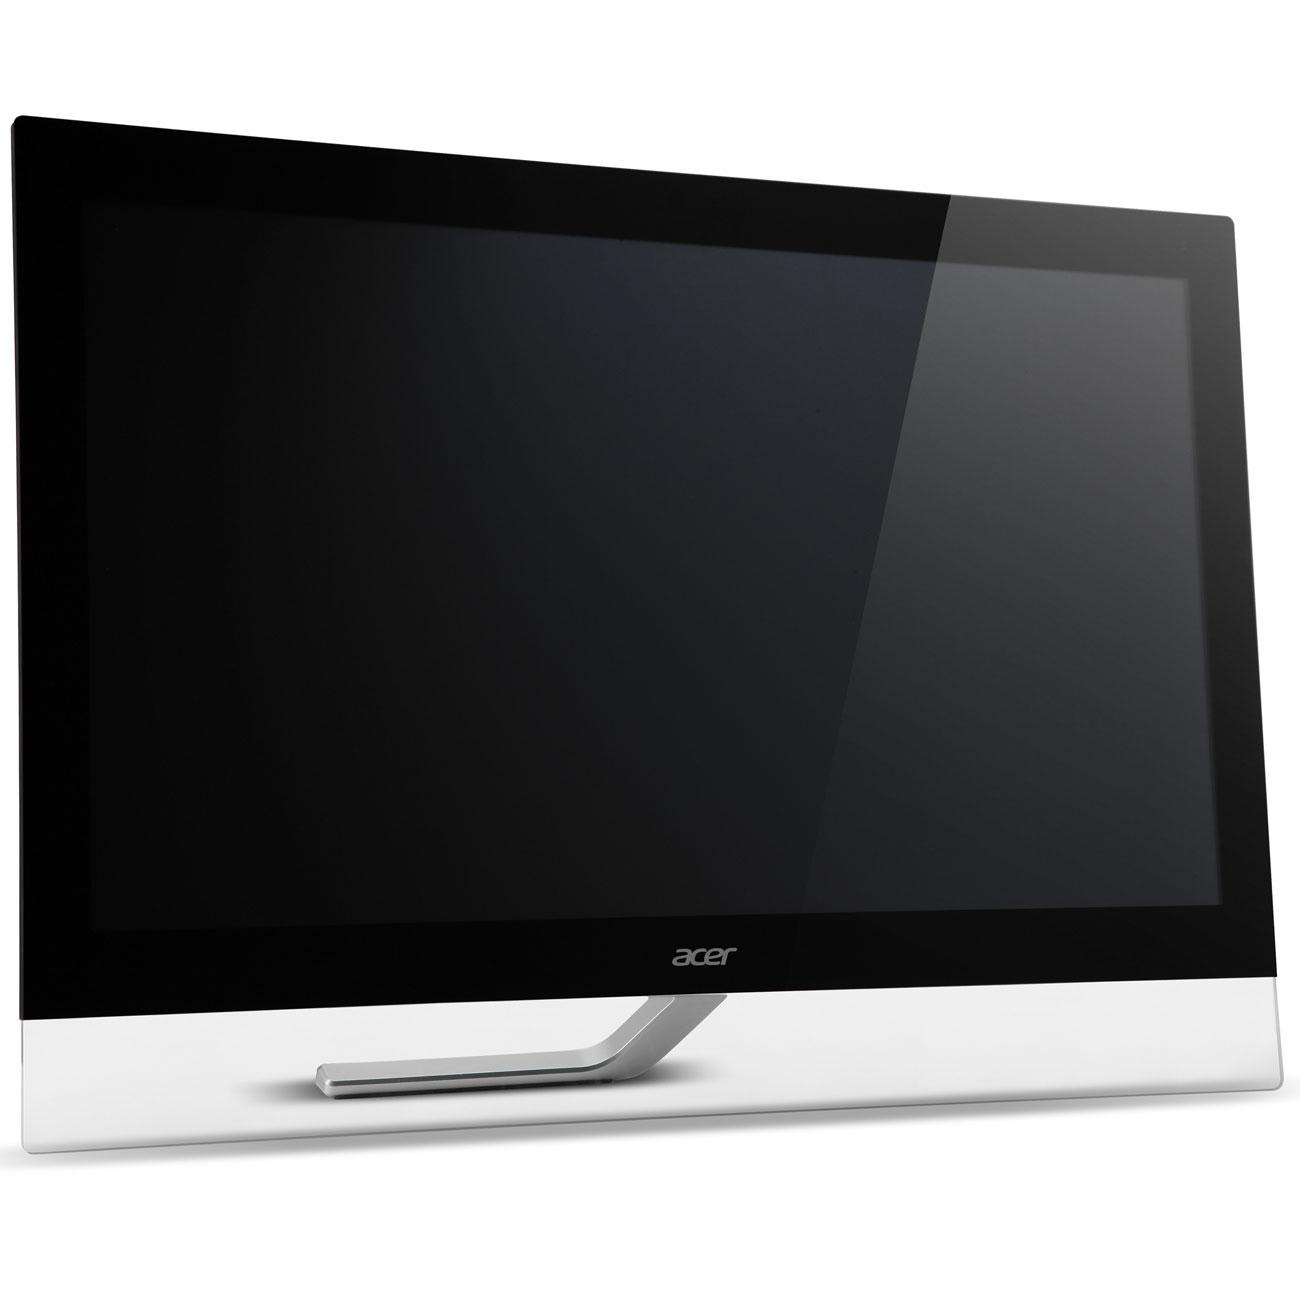 acer 23 led tactile t232hlbmidz touch ecran pc acer. Black Bedroom Furniture Sets. Home Design Ideas